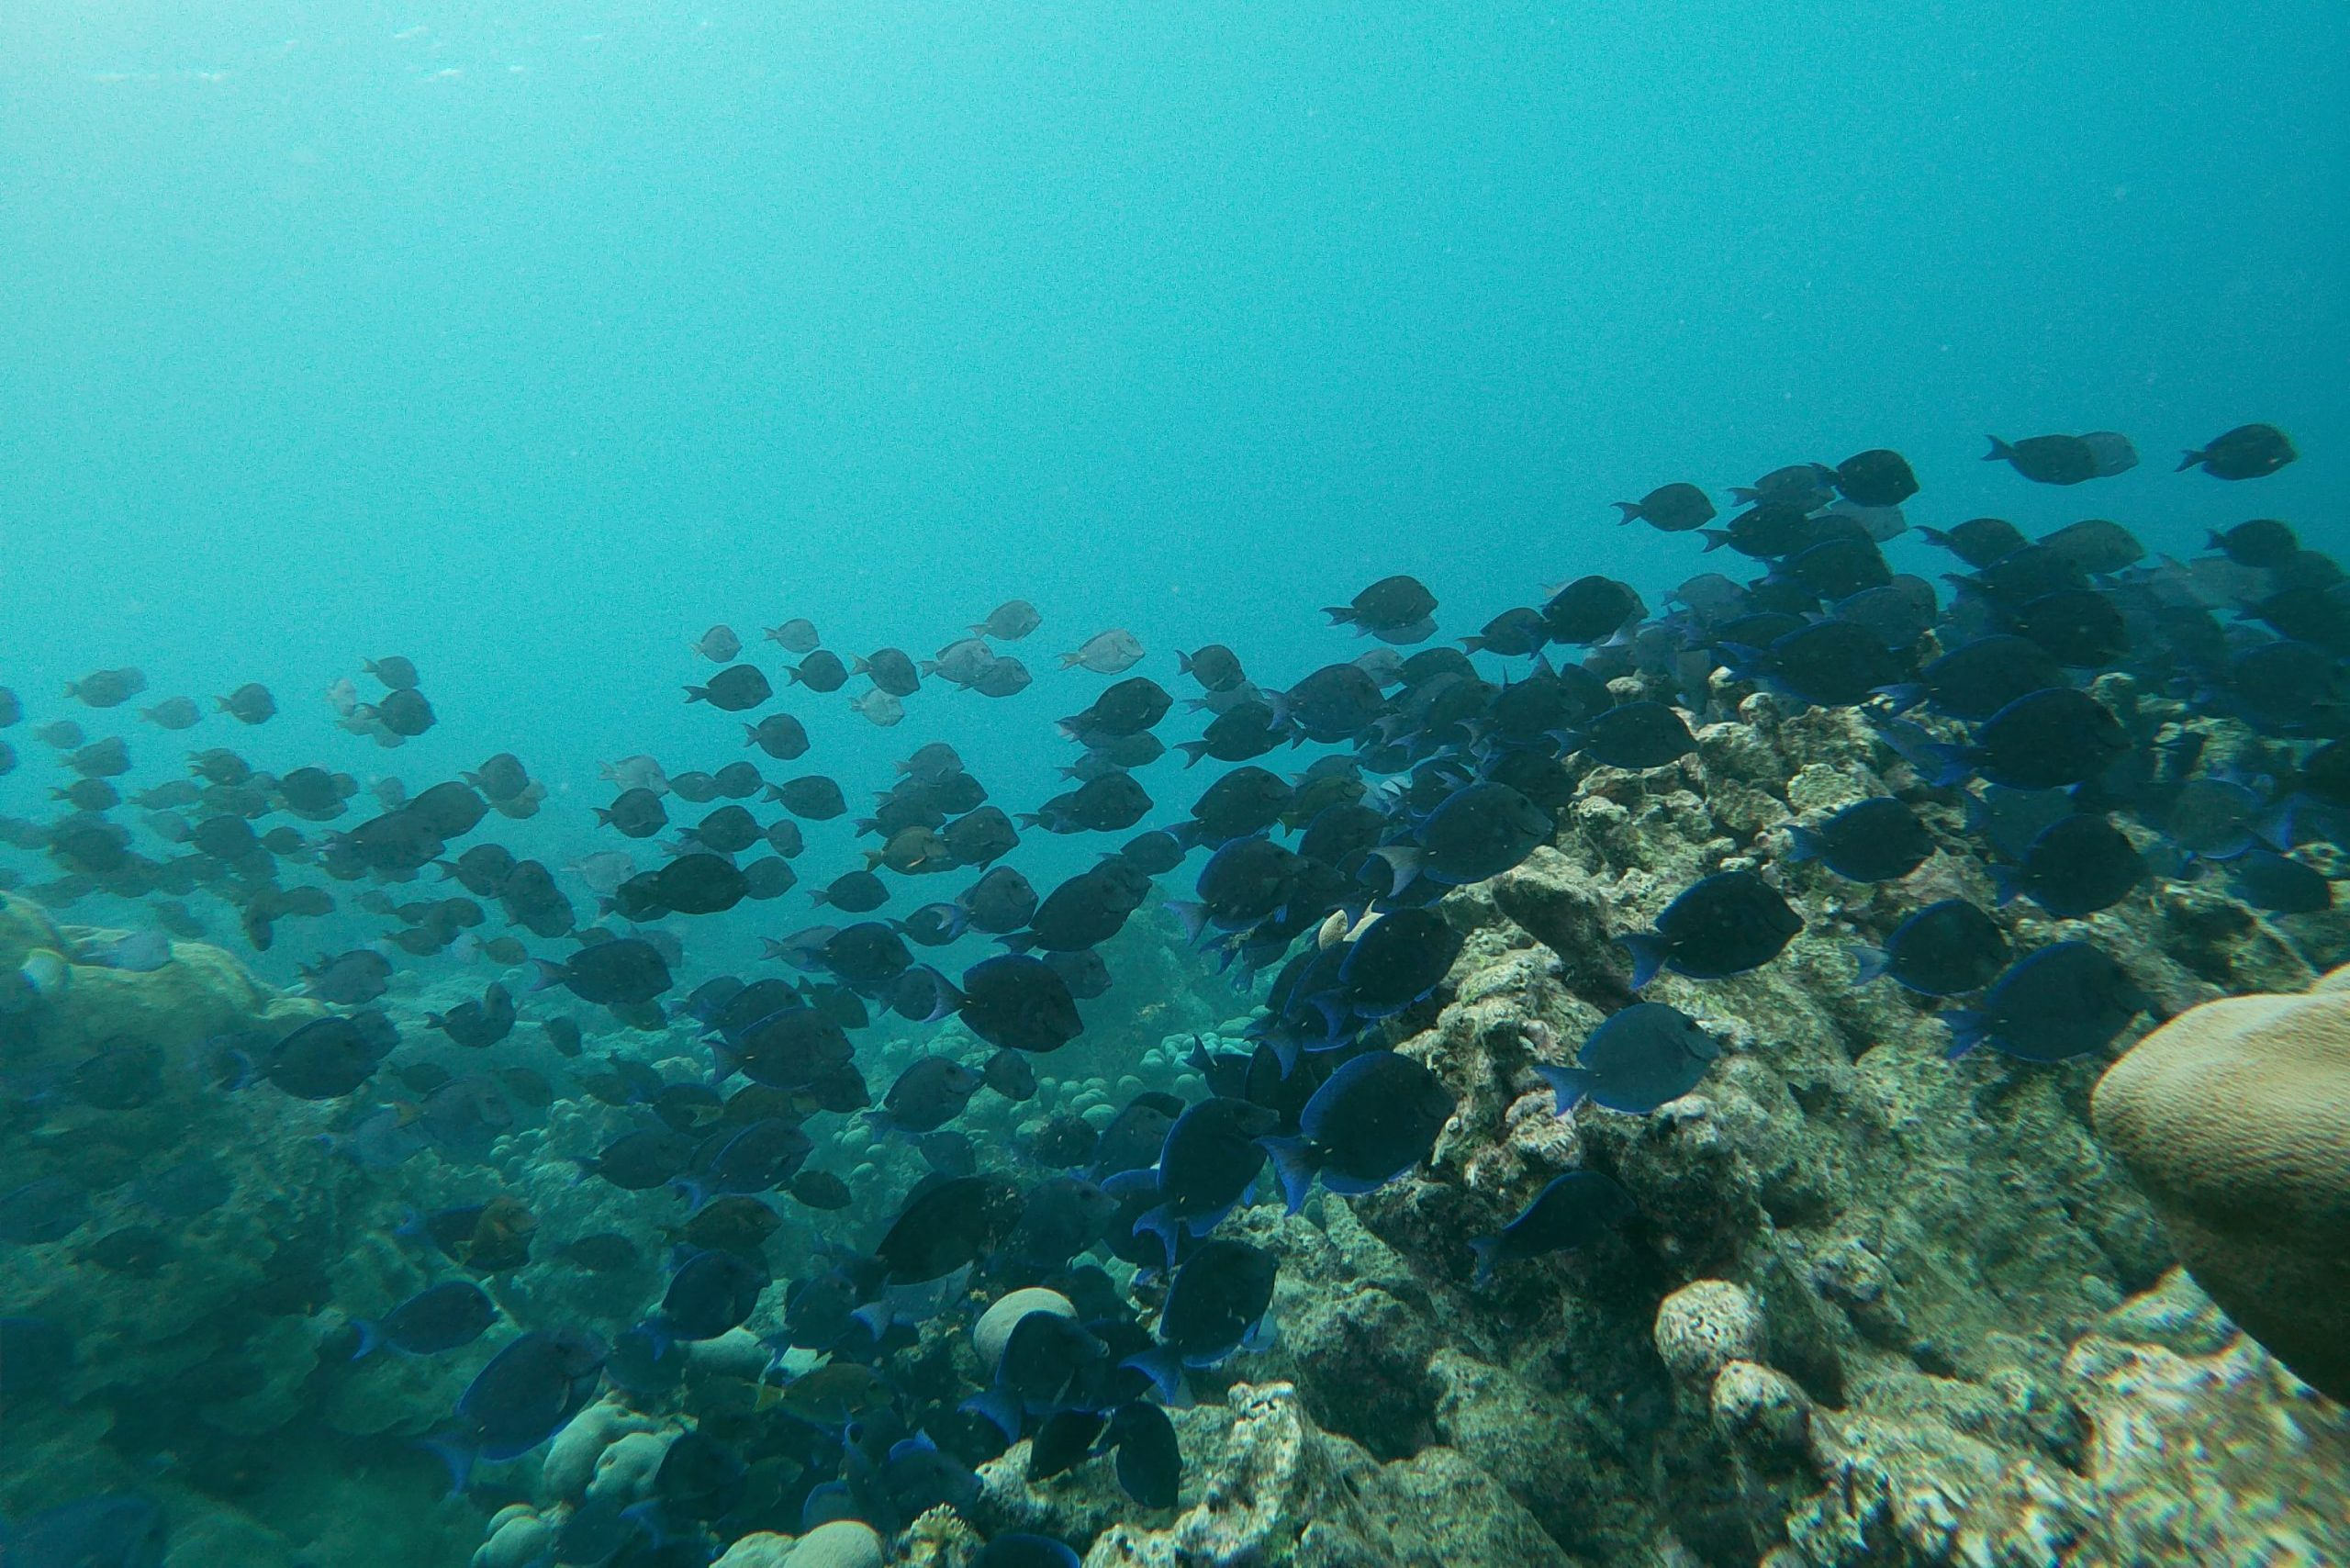 Blue tangs at Mangel Halto reef